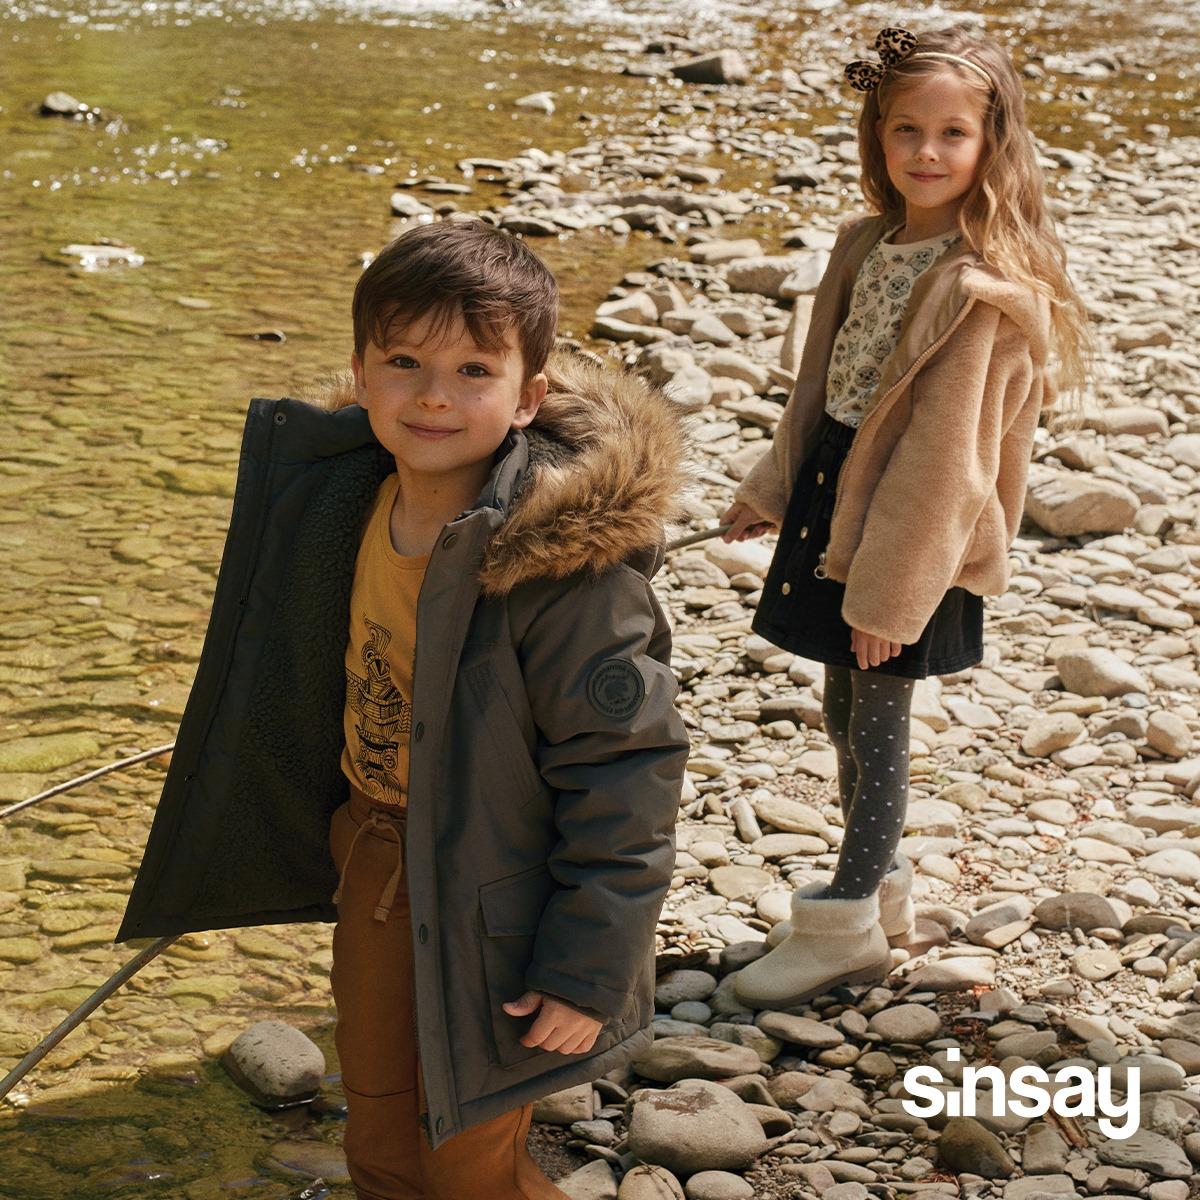 Pripremite vaše mališane za jesen u Sinsay Marti